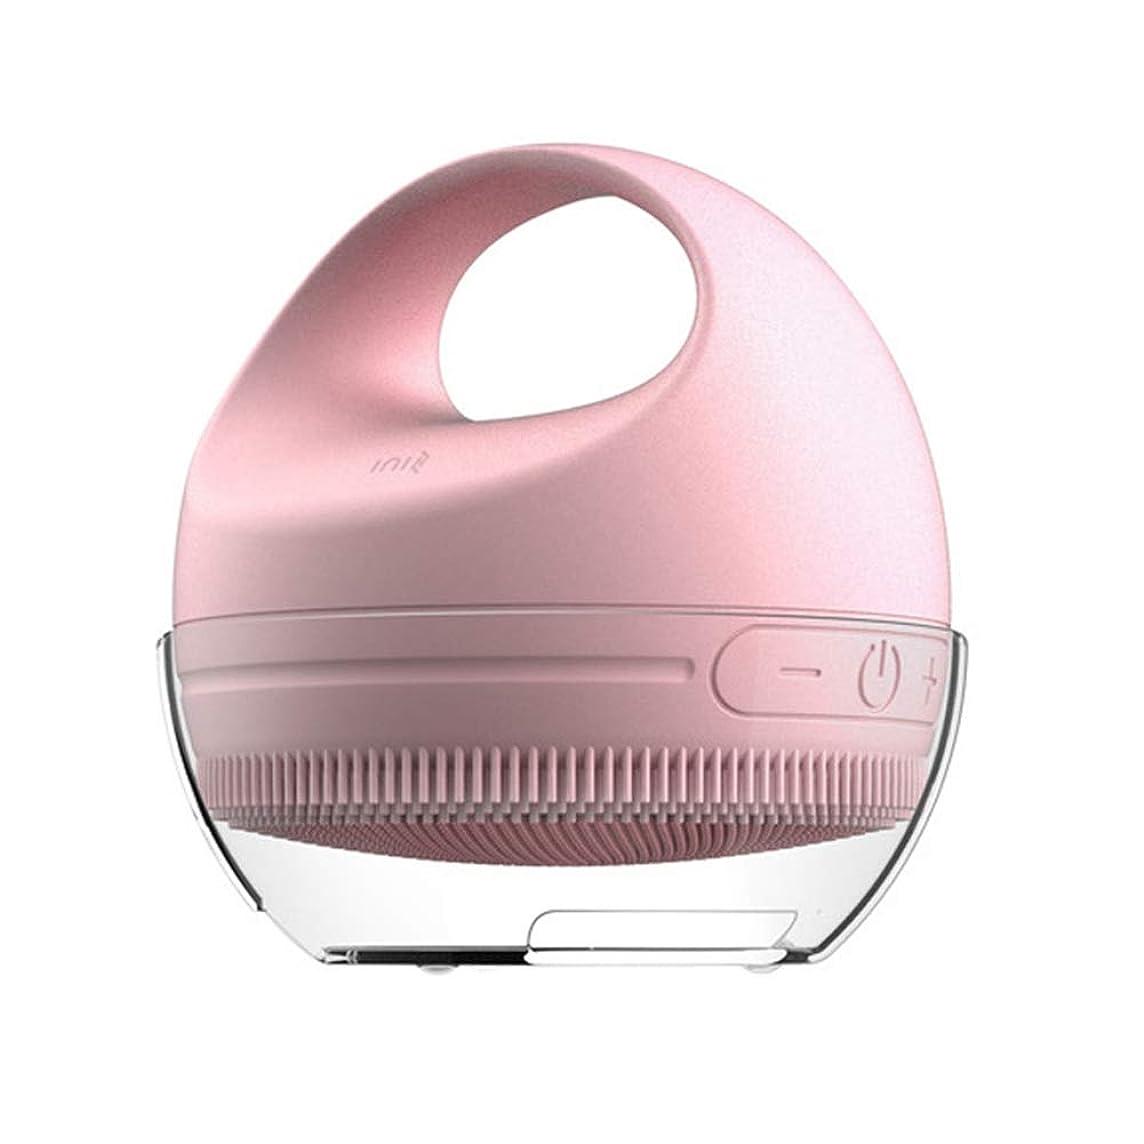 前方へ雑種リゾート電気暖かい/振動シリコーンフェイスクレンザーとマッサージブラシをアップグレードしてください自己乾燥技術を使って、滑り止めのハンドル、インテリジェントなタイミング、防水IPX6、1200 mAhバッテリ,Pink